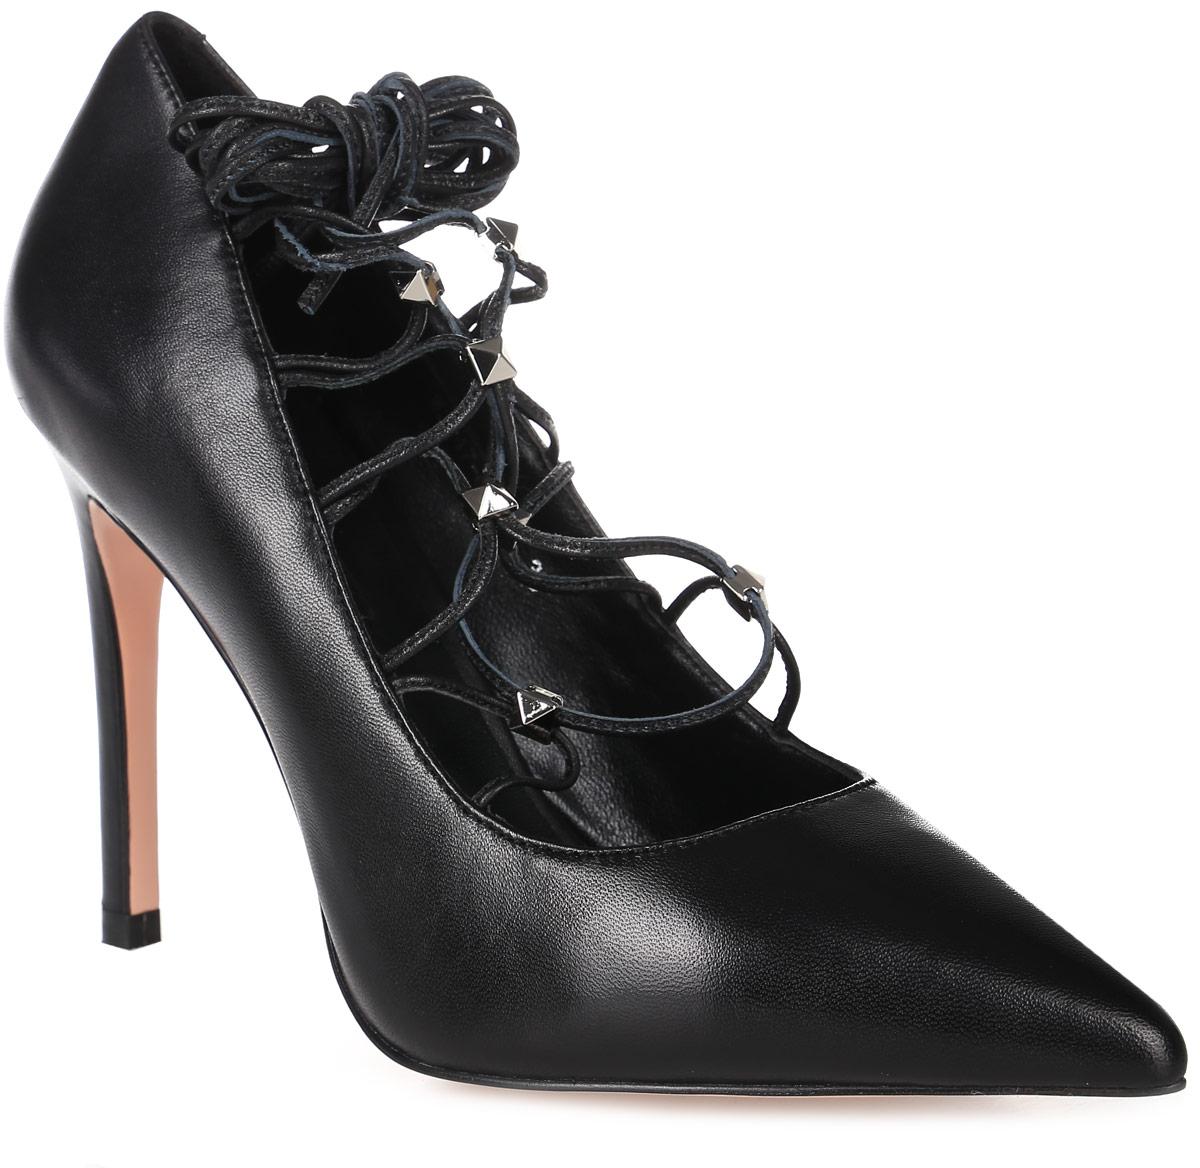 Туфли женские Graciana, цвет: черный. W2247-C01-2. Размер 35W2247-C01-2Женские туфли-лодочки от Gracianaс оригинальной шнуровкой на шпильке выполнены из натуральной кожи. Подкладка, изготовленная из натуральной кожи, обладает хорошей влаговпитываемостью и естественной воздухопроницаемостью. Стелька из натуральной кожи гарантирует комфорт и удобство стопам. Подошва из резины обеспечивает хорошую амортизацию и сцепление с любой поверхностью.